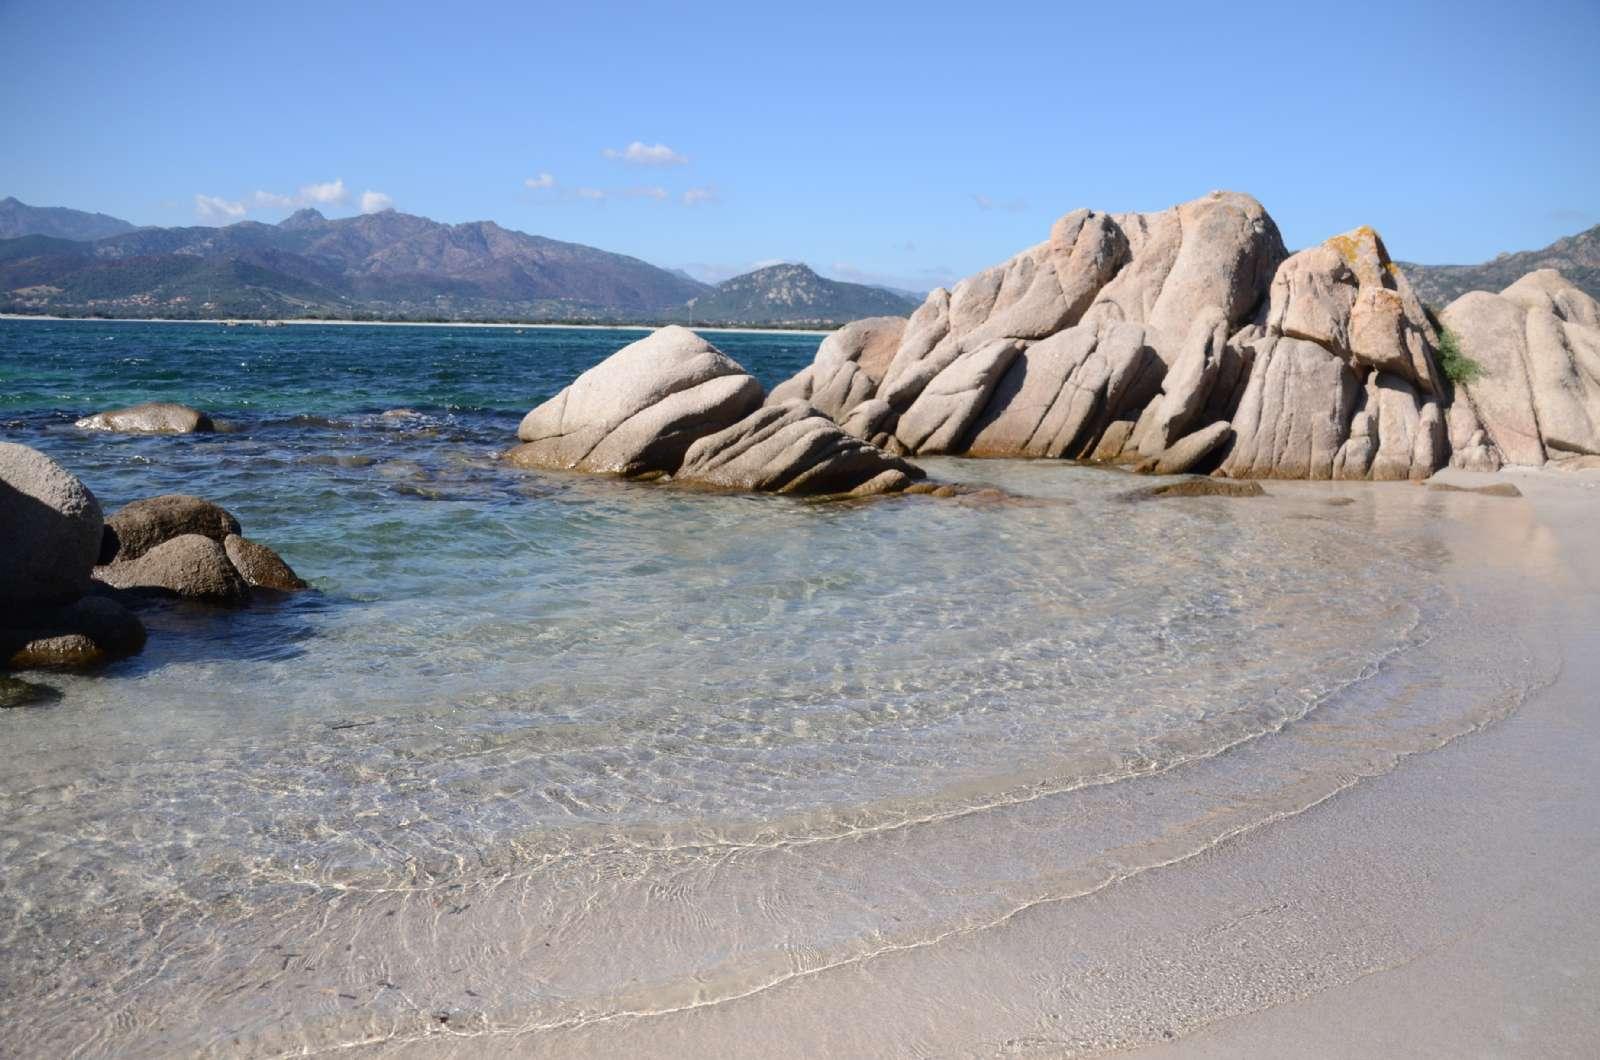 Området byder også på karakterfulde klippepartier